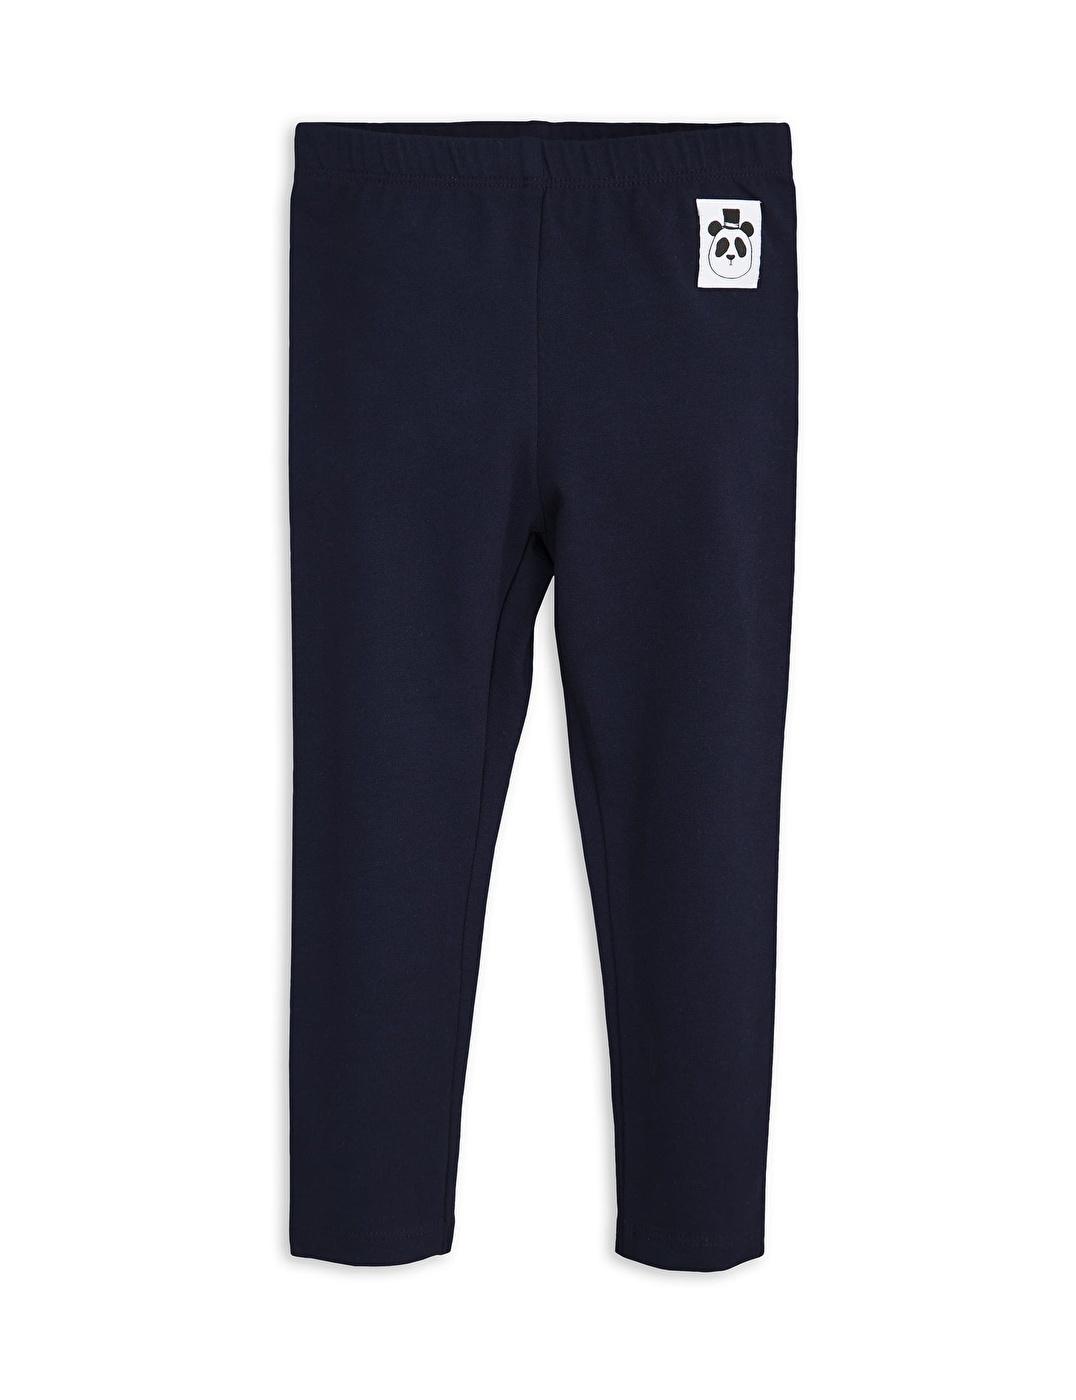 1773015767 1 mini rodini basic leggings navy